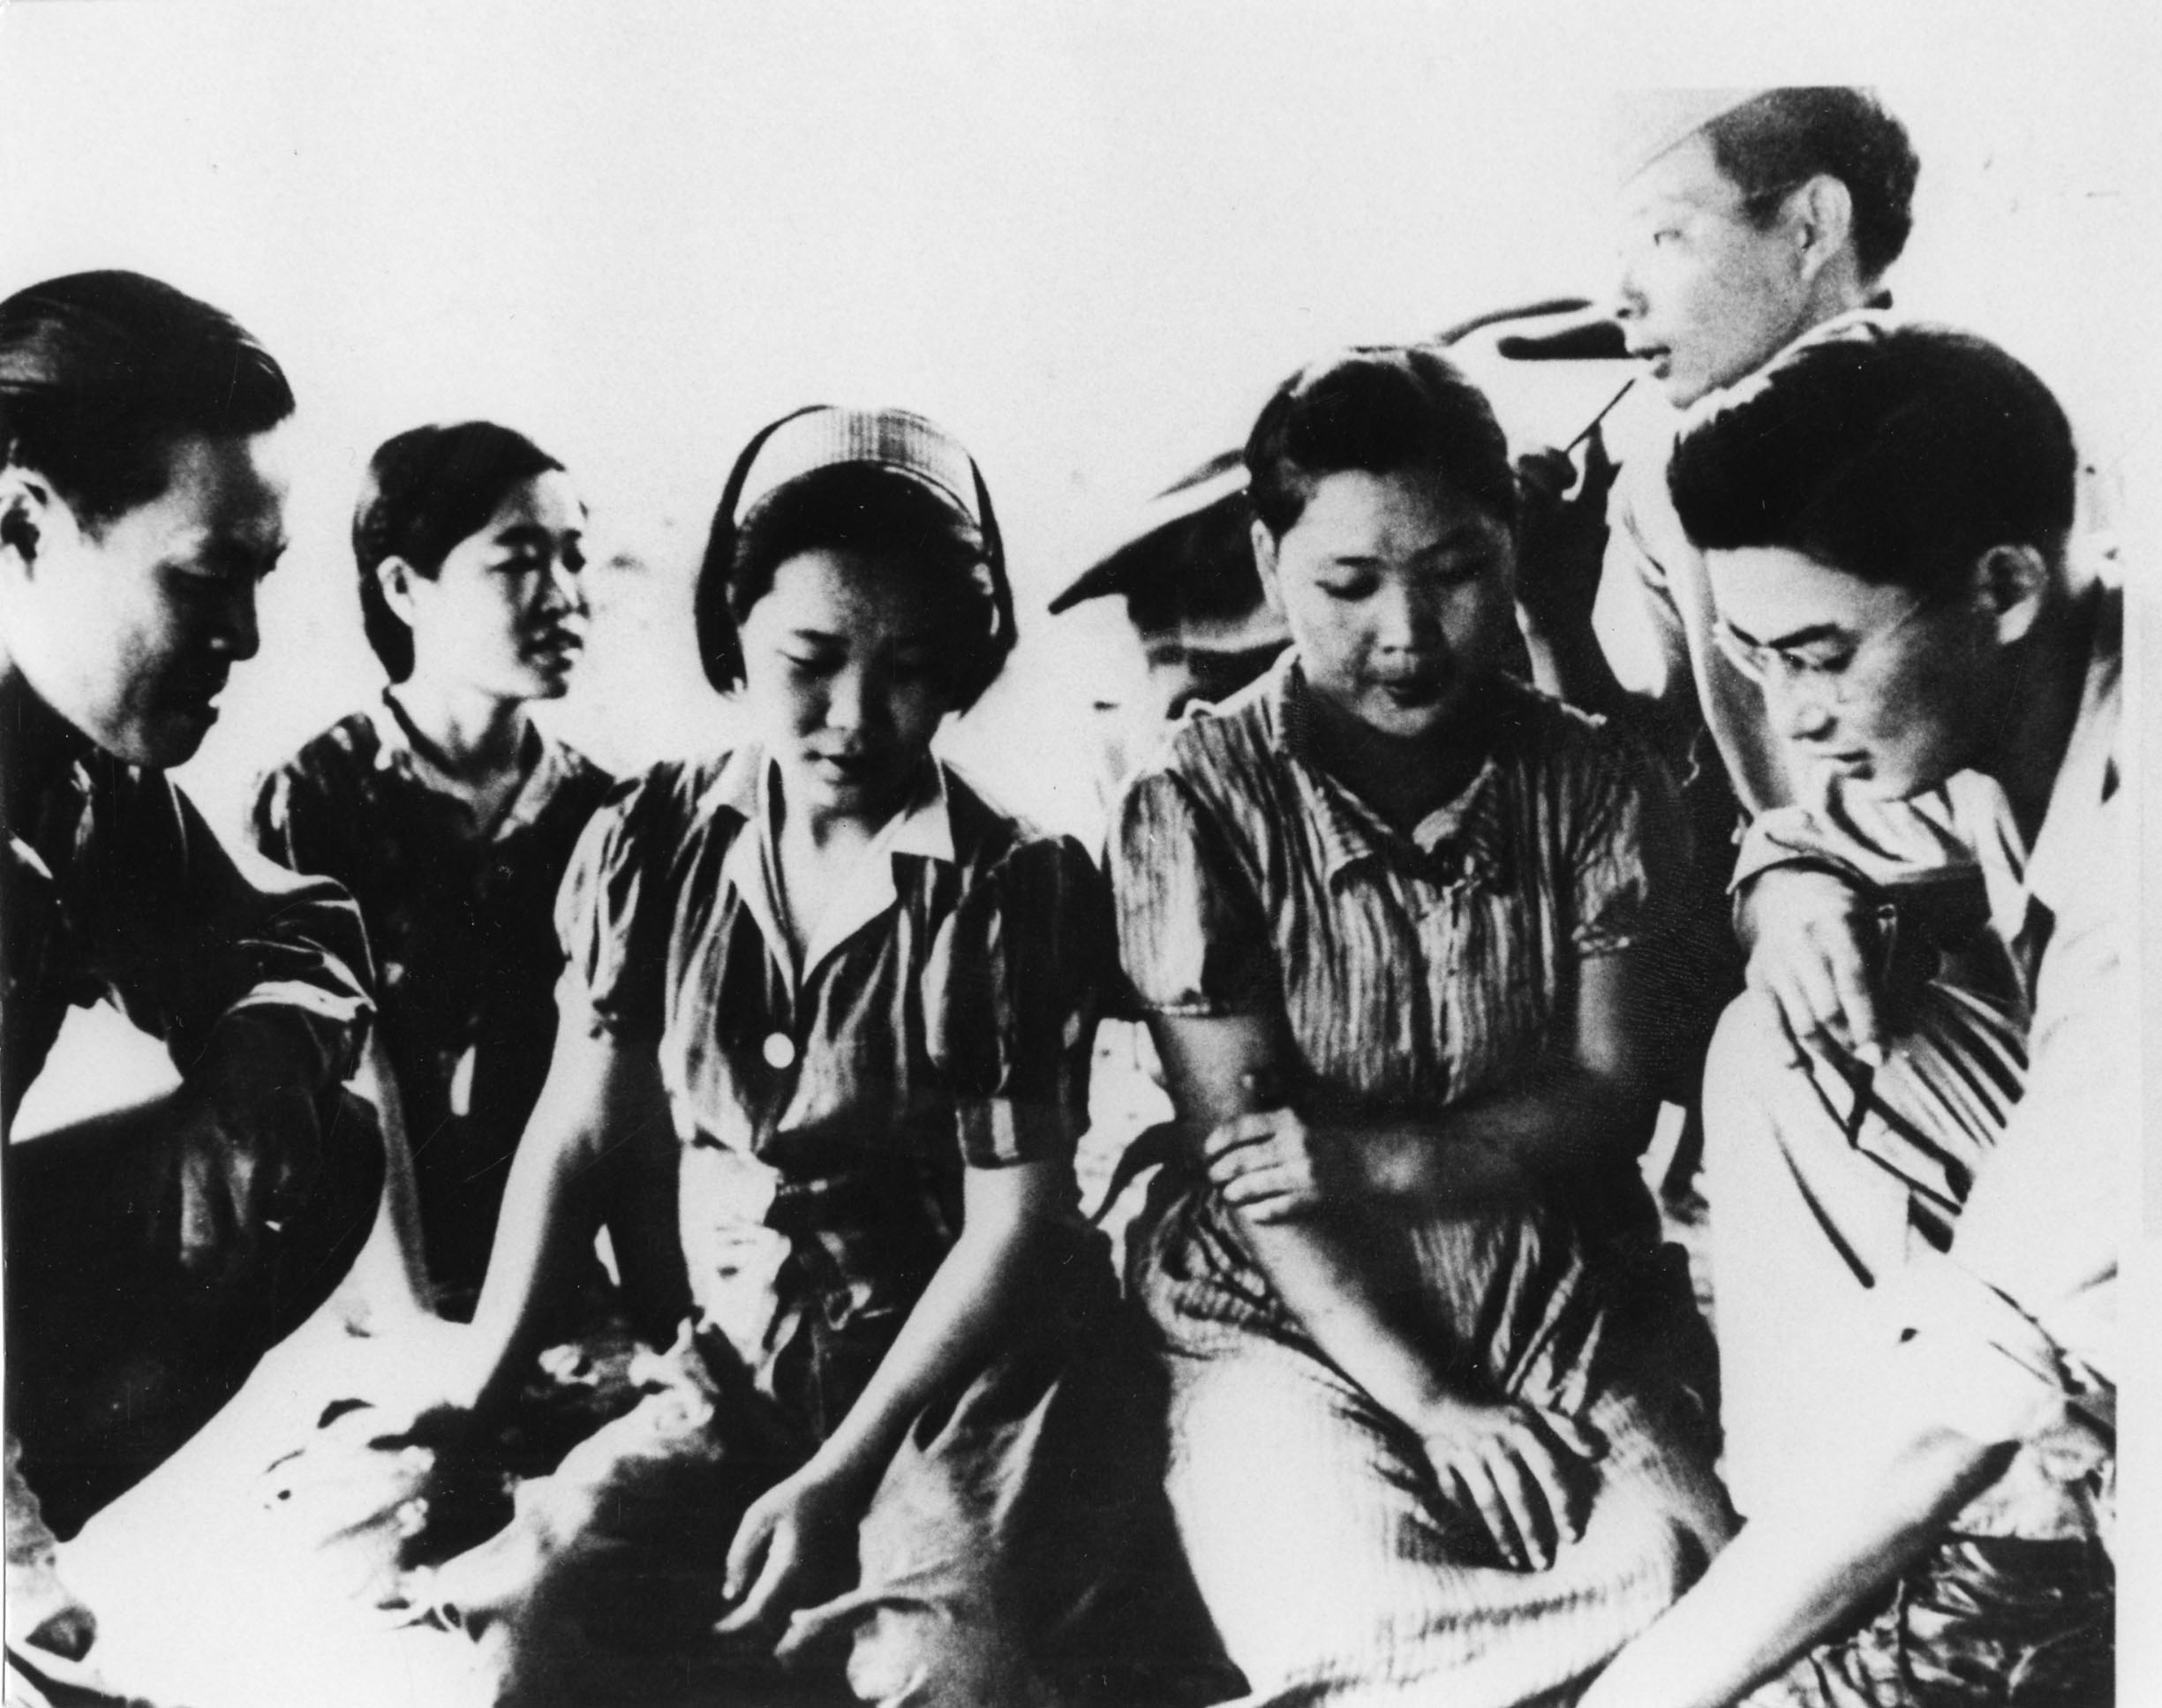 일제 강점기 당시 군에 끌려간 조선인 위안부. 대개 17~20세였던 이들은 꽃다운 시절을 지옥같은 곳에서 보냈다. [중앙포토]